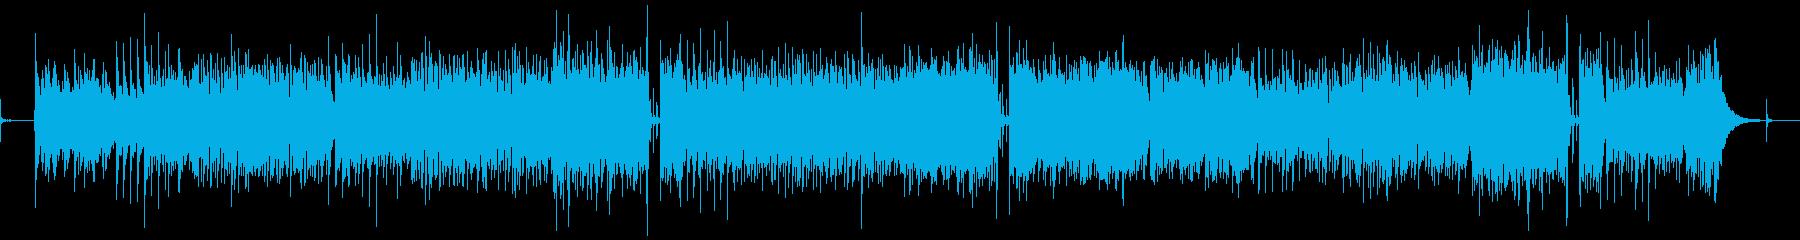 アメリカーナ/ニューグラスインスト...の再生済みの波形